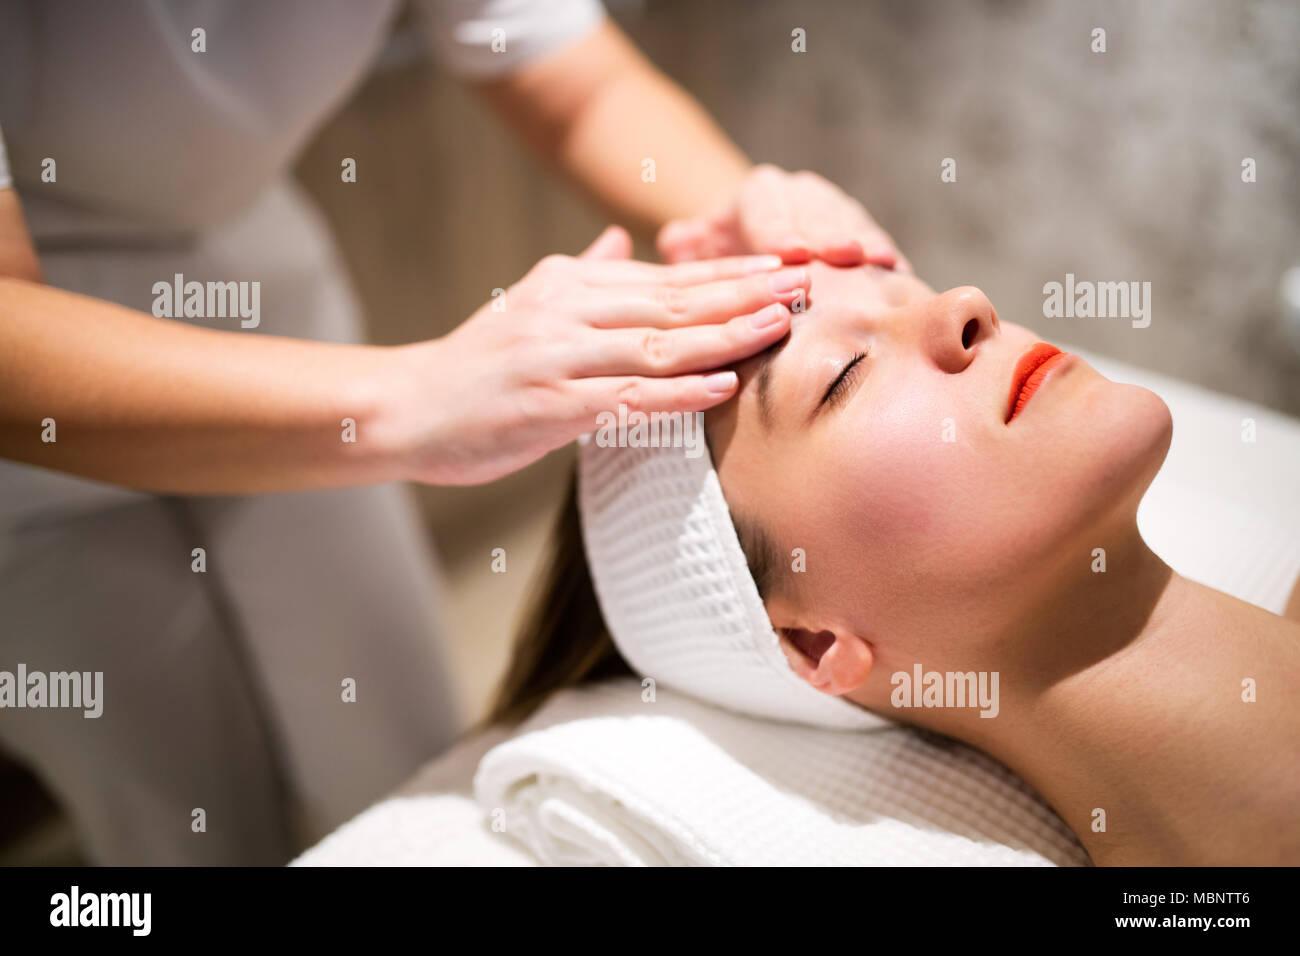 Gesichtsmassage Behandlung durch professionelle Stockbild